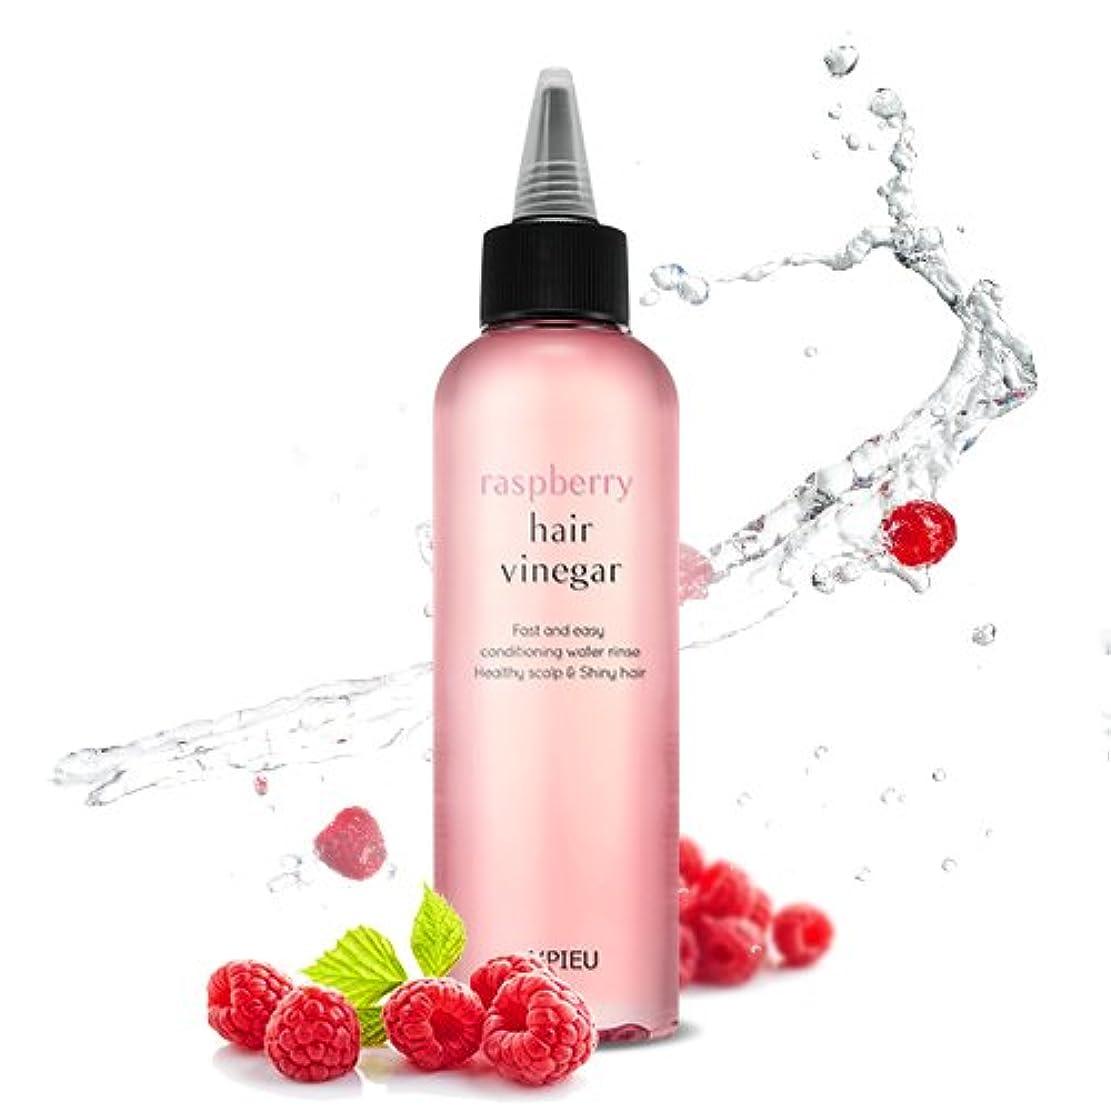 例外準備した迅速APIEU Raspberry Hair Vinegar / [アピュ/オピュ] ラズベリーヘアビネガー 200ml [並行輸入品]